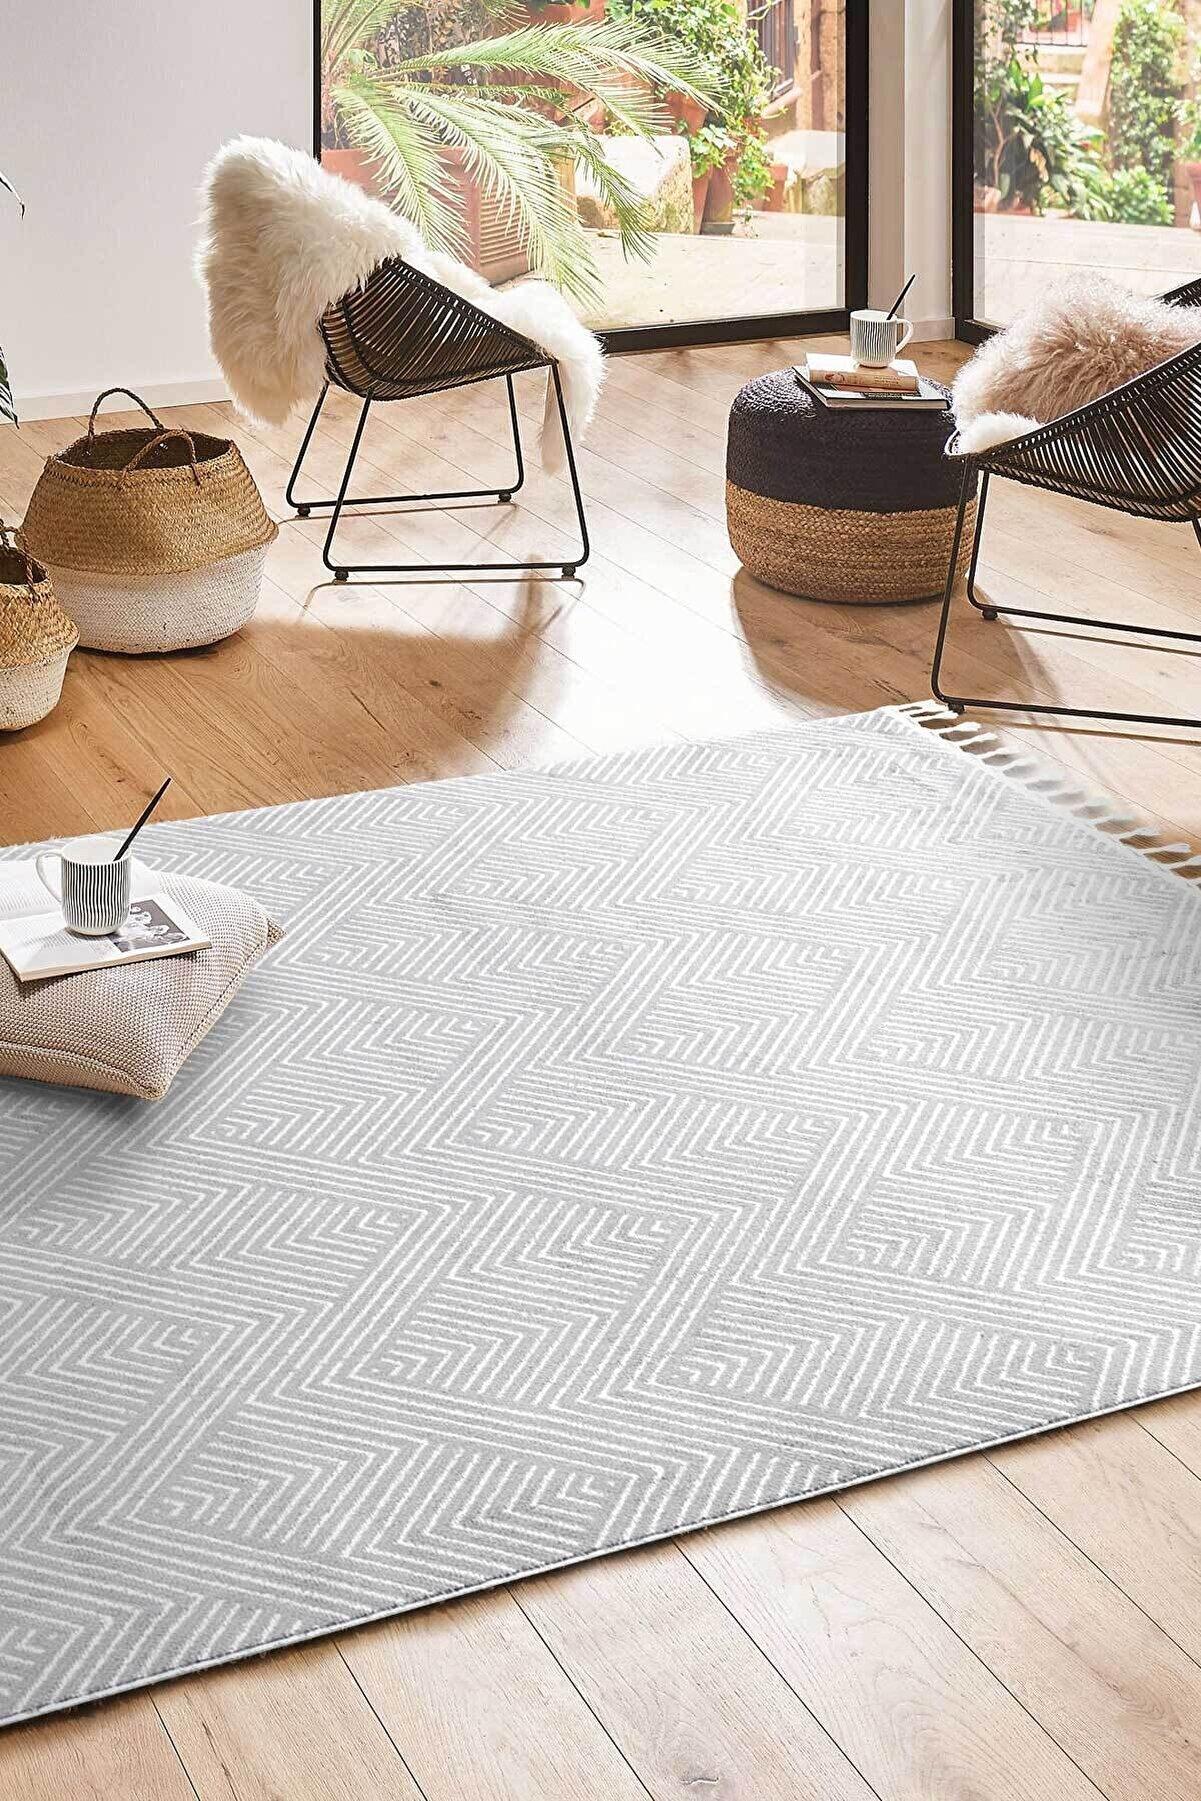 Cool Halı Eko Halı Urban 01 Gri Beyaz Etnik Desenlere Sahip Hav Toz Vermez Yumuşak Dokulu Modern Halı